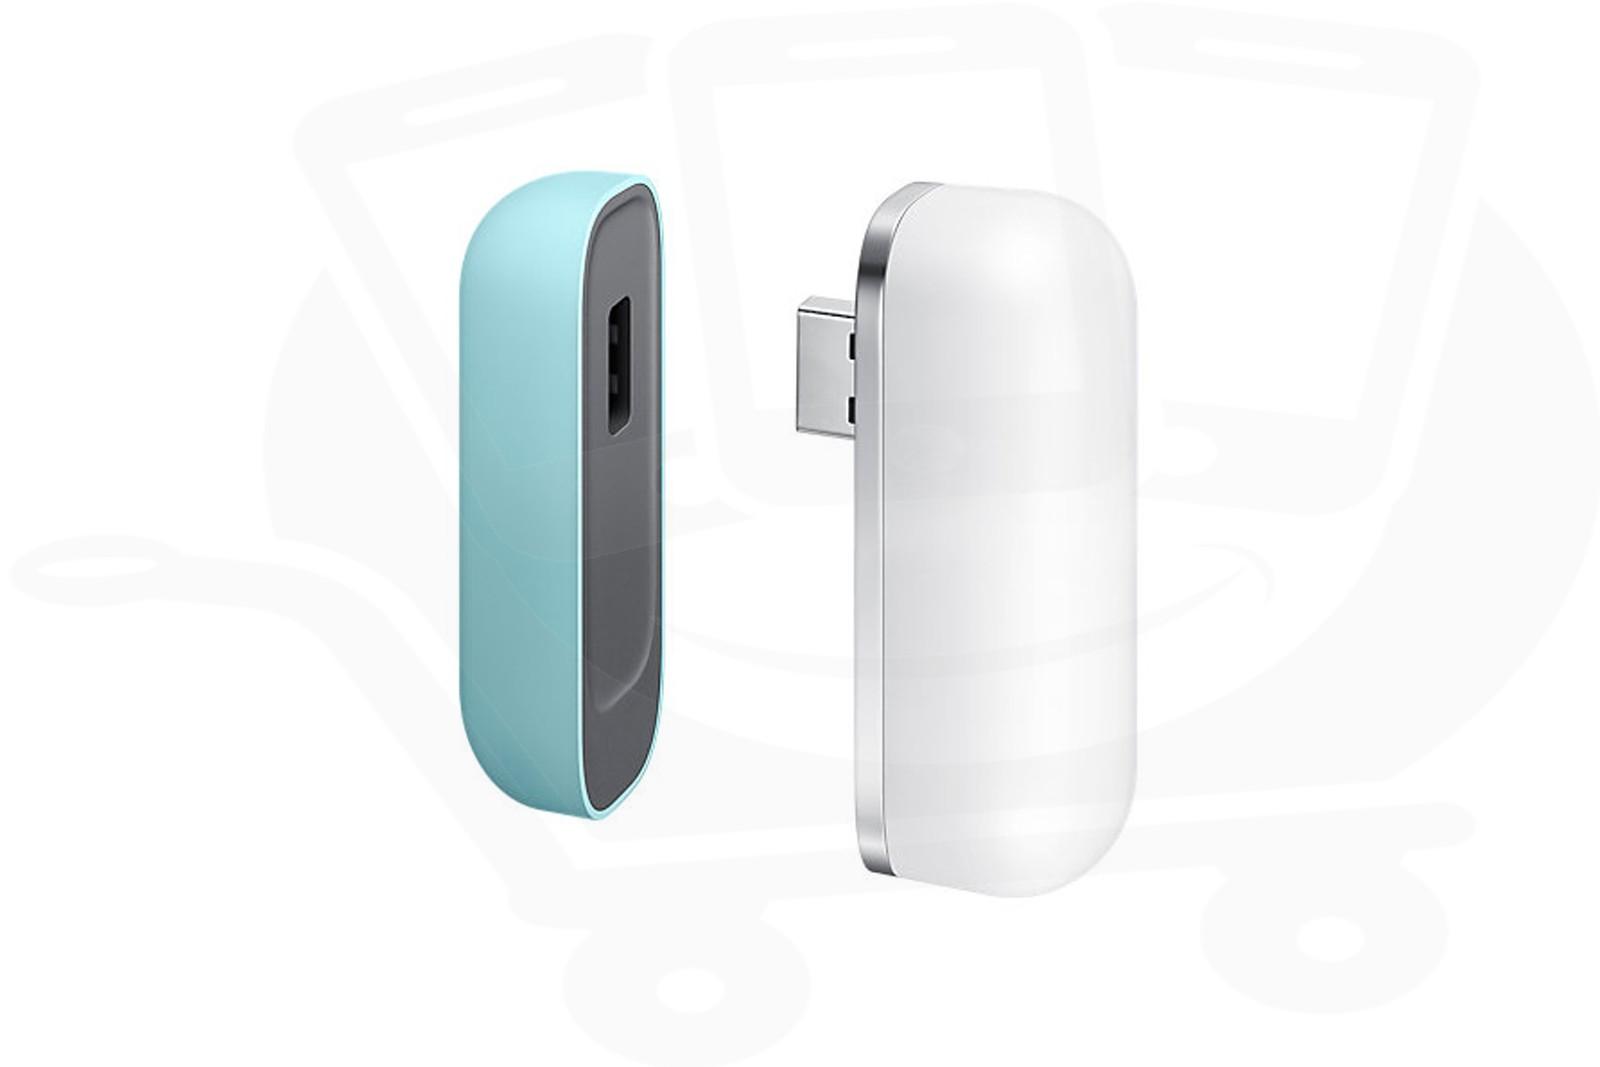 Official Samsung Evo 5 1 Green Battery Pack USB LED CAP Lamp - ET